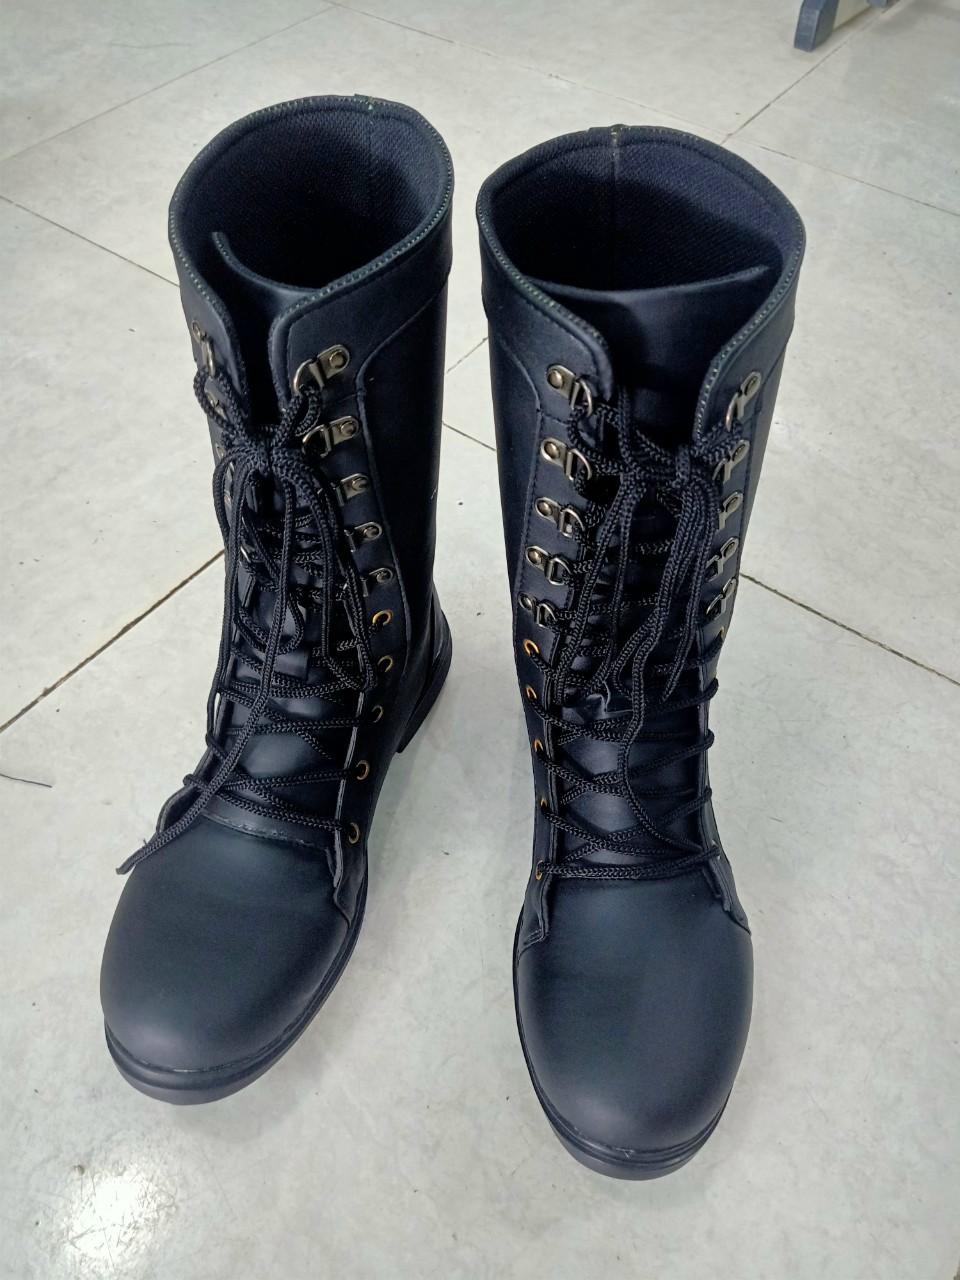 Giày boot cao cổ dành cho bảo vệ